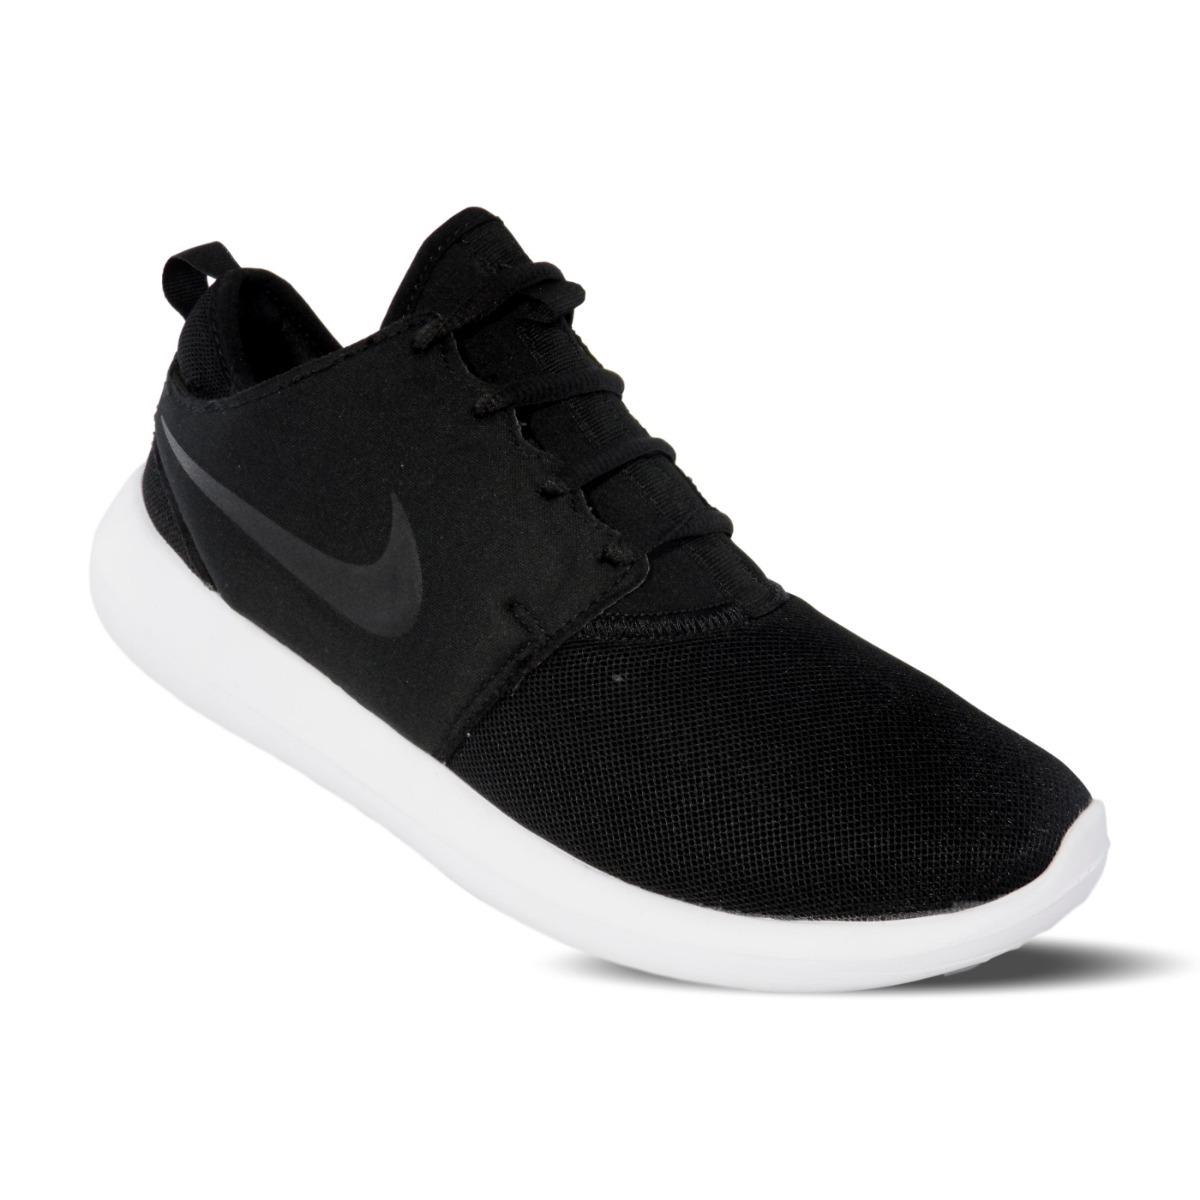 Nike Roshe One hombre